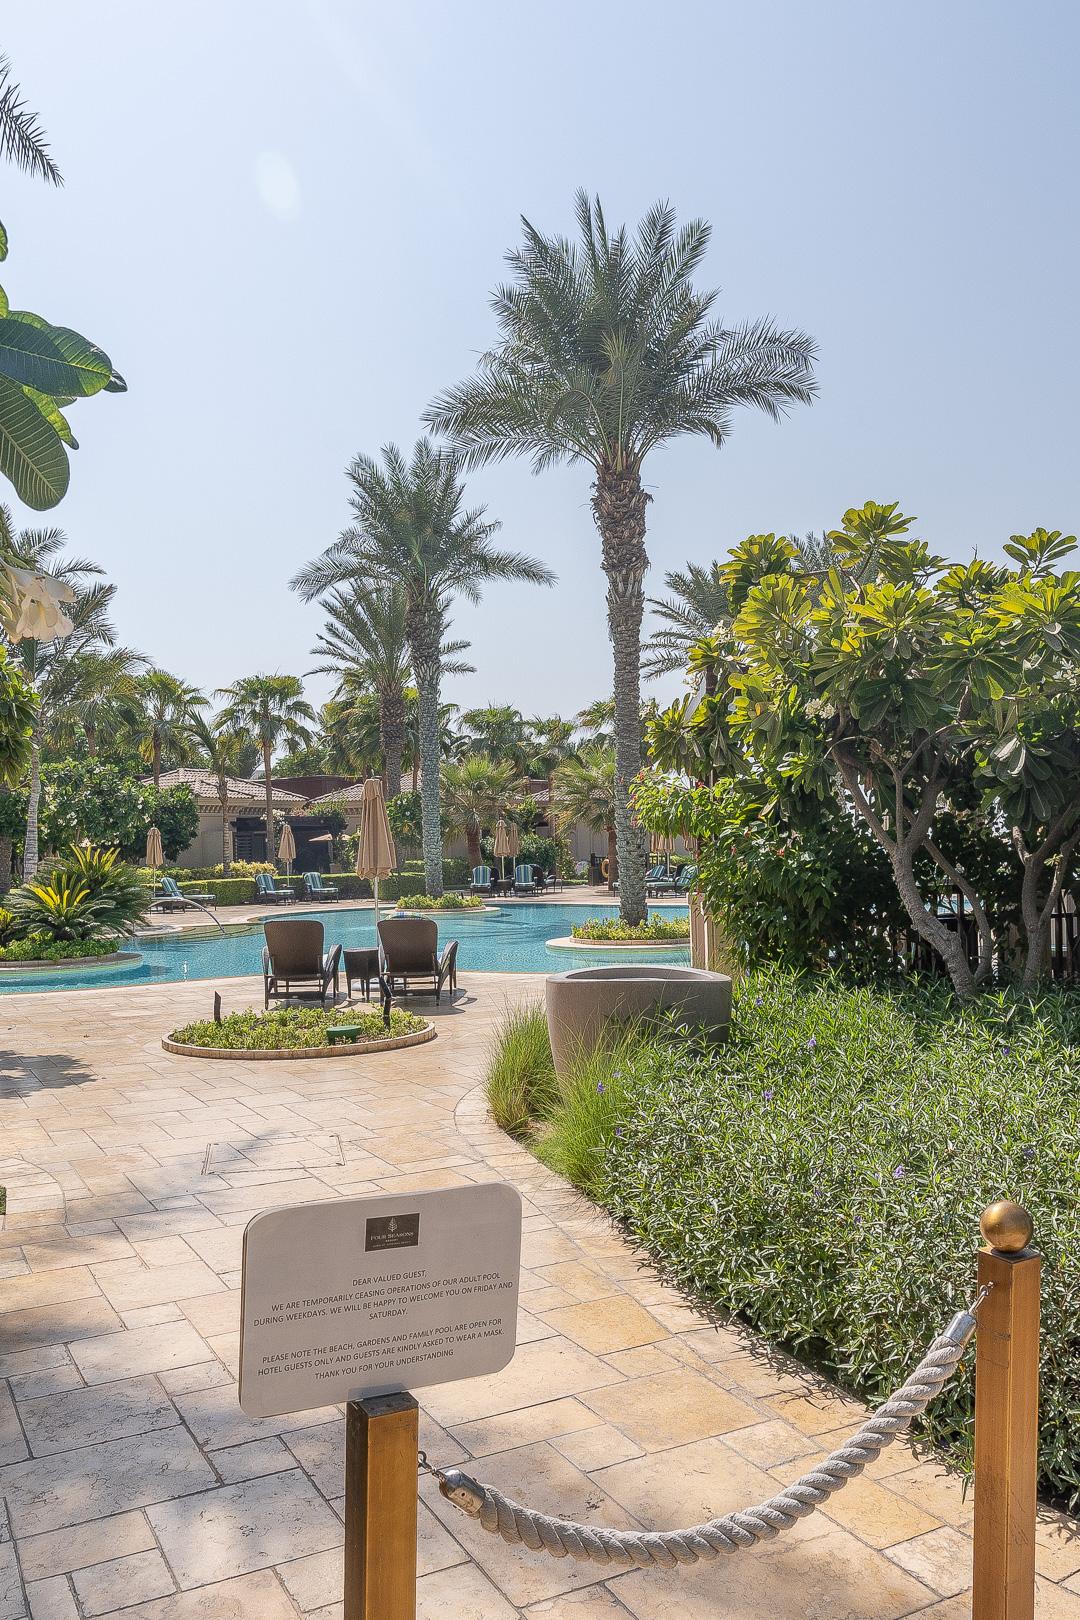 FS Jumeirah 21 - REVIEW - Four Seasons Dubai at Jumeirah Beach : Deluxe City-View Room [COVID-era]